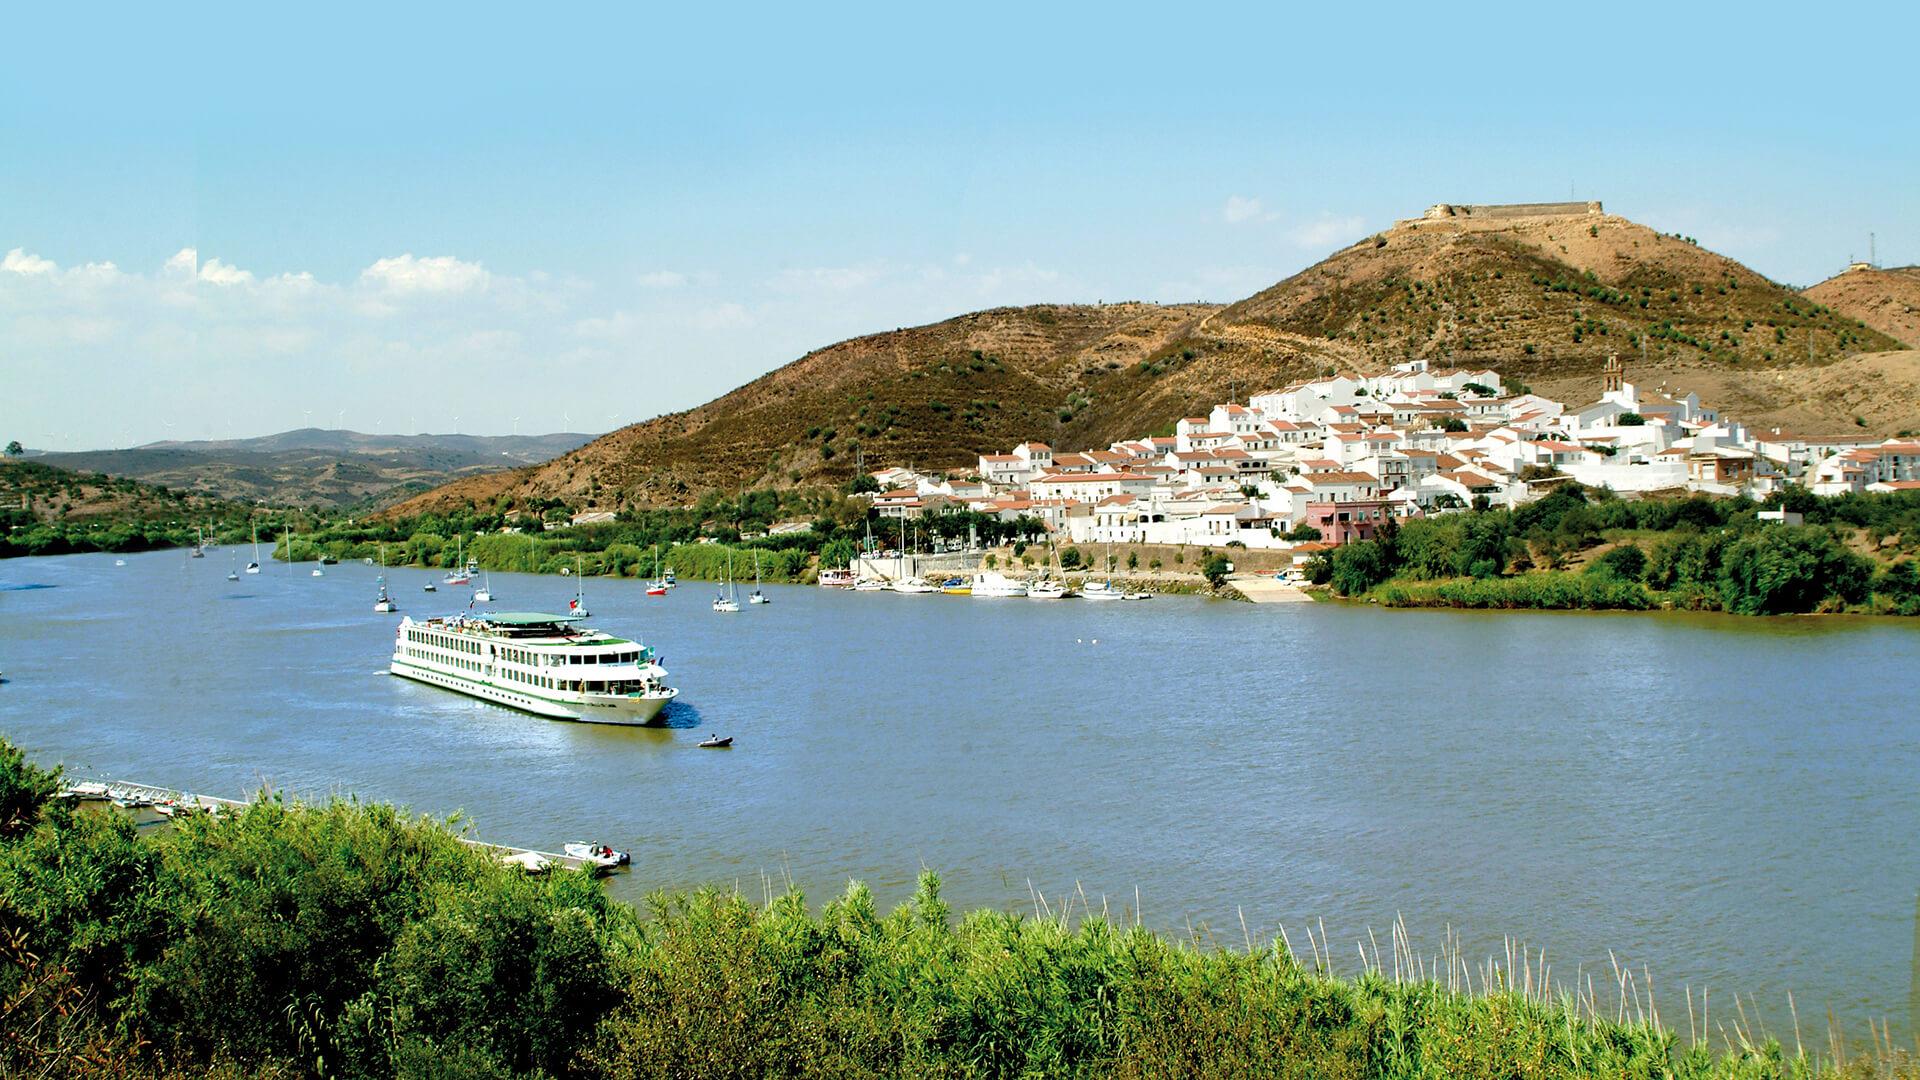 Croisière en Espagne et séjour sur la Costa del Sol